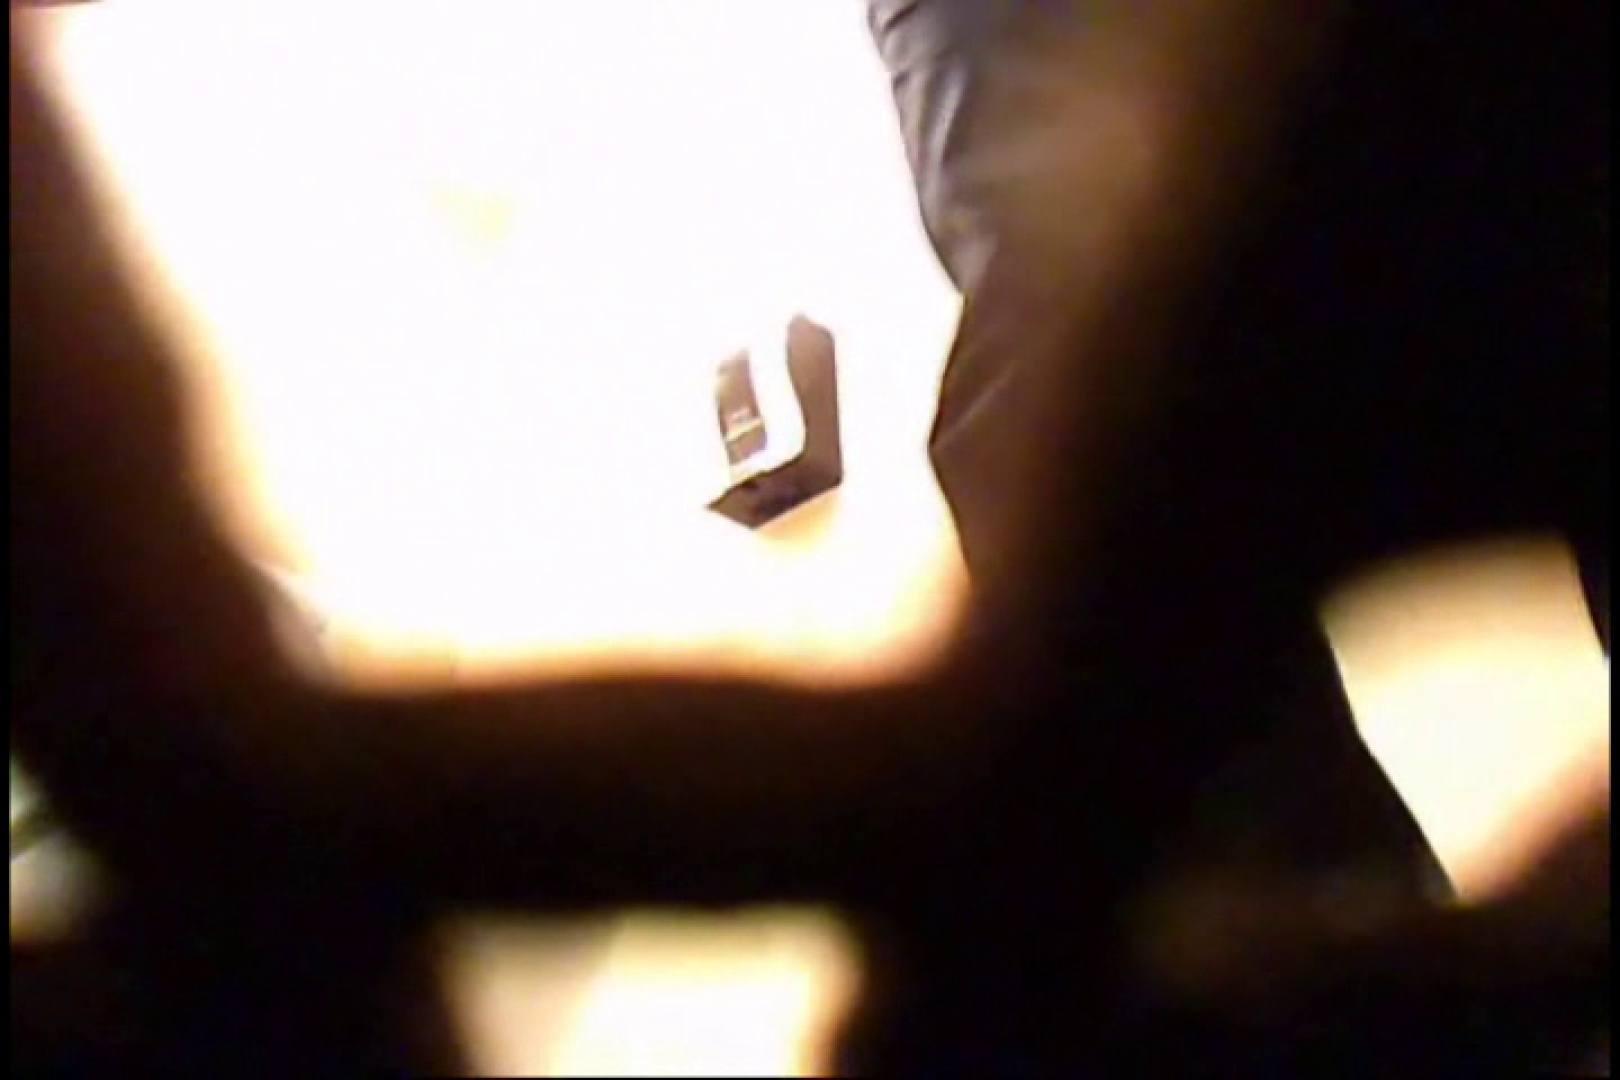 画質向上!新亀さん厠 vol.05 OLエロ画像 盗み撮り動画キャプチャ 103PICs 32